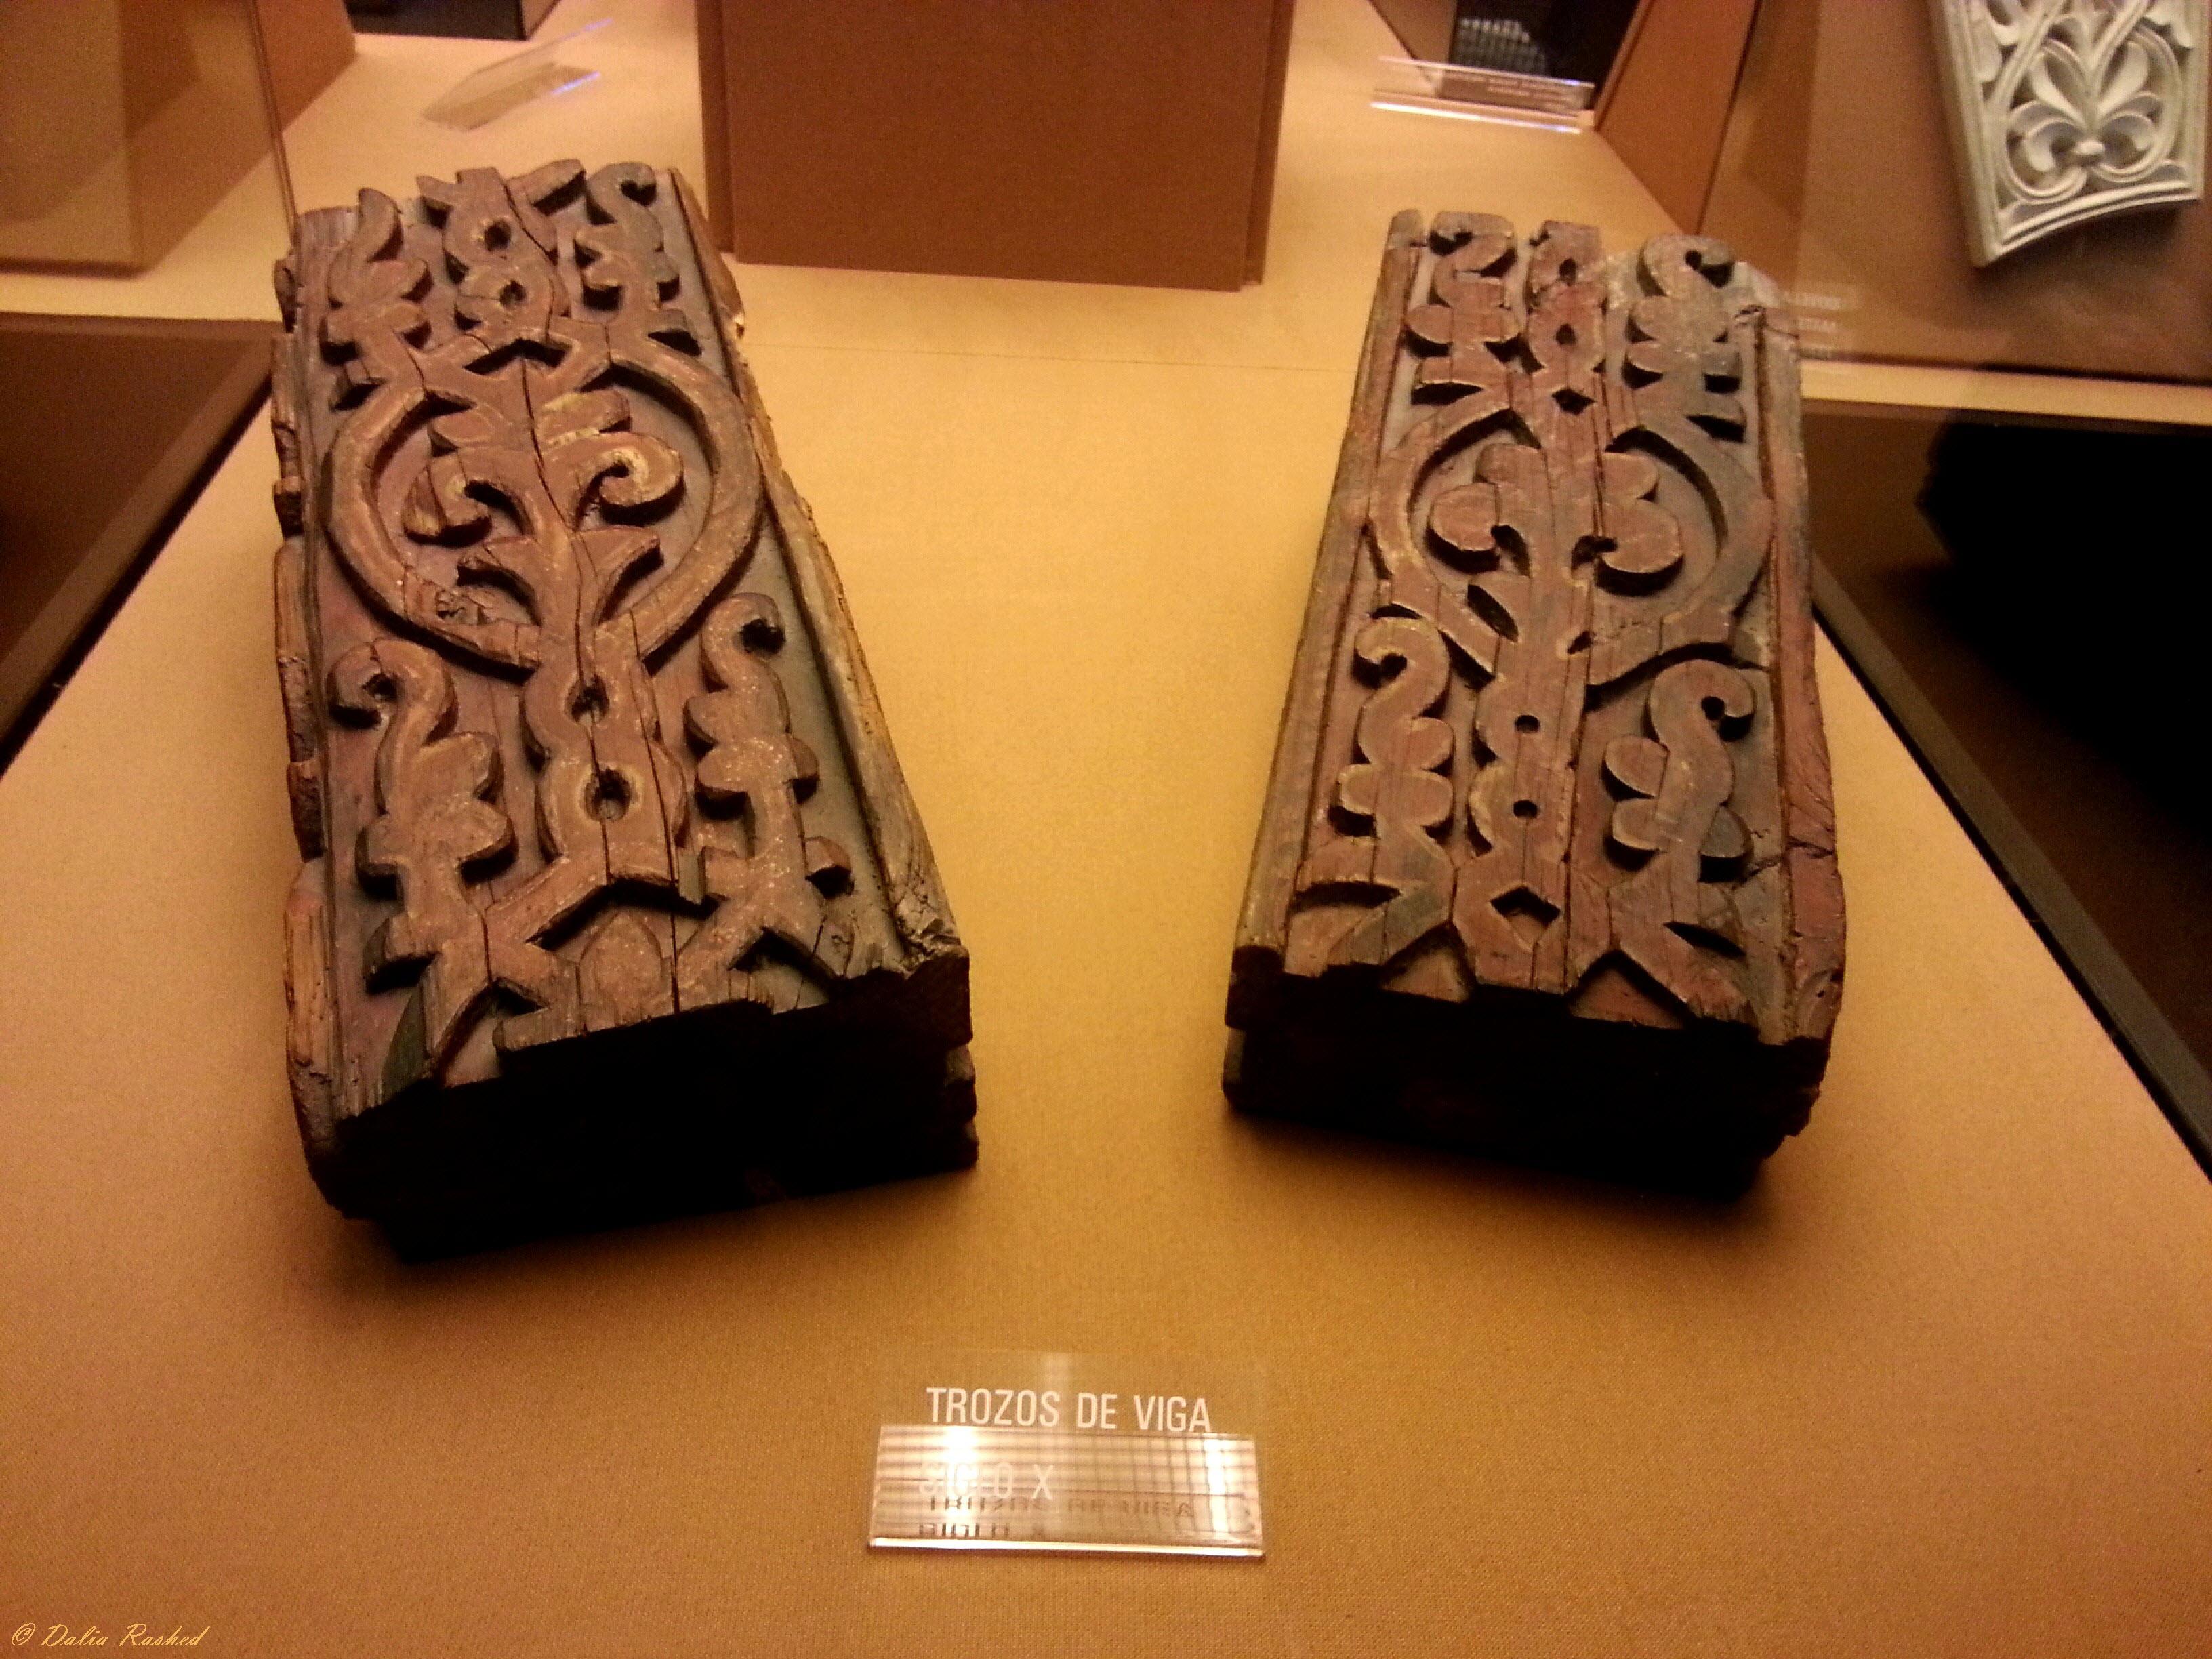 جزء من القطع الخشبية لسقف مسجد قرطبة